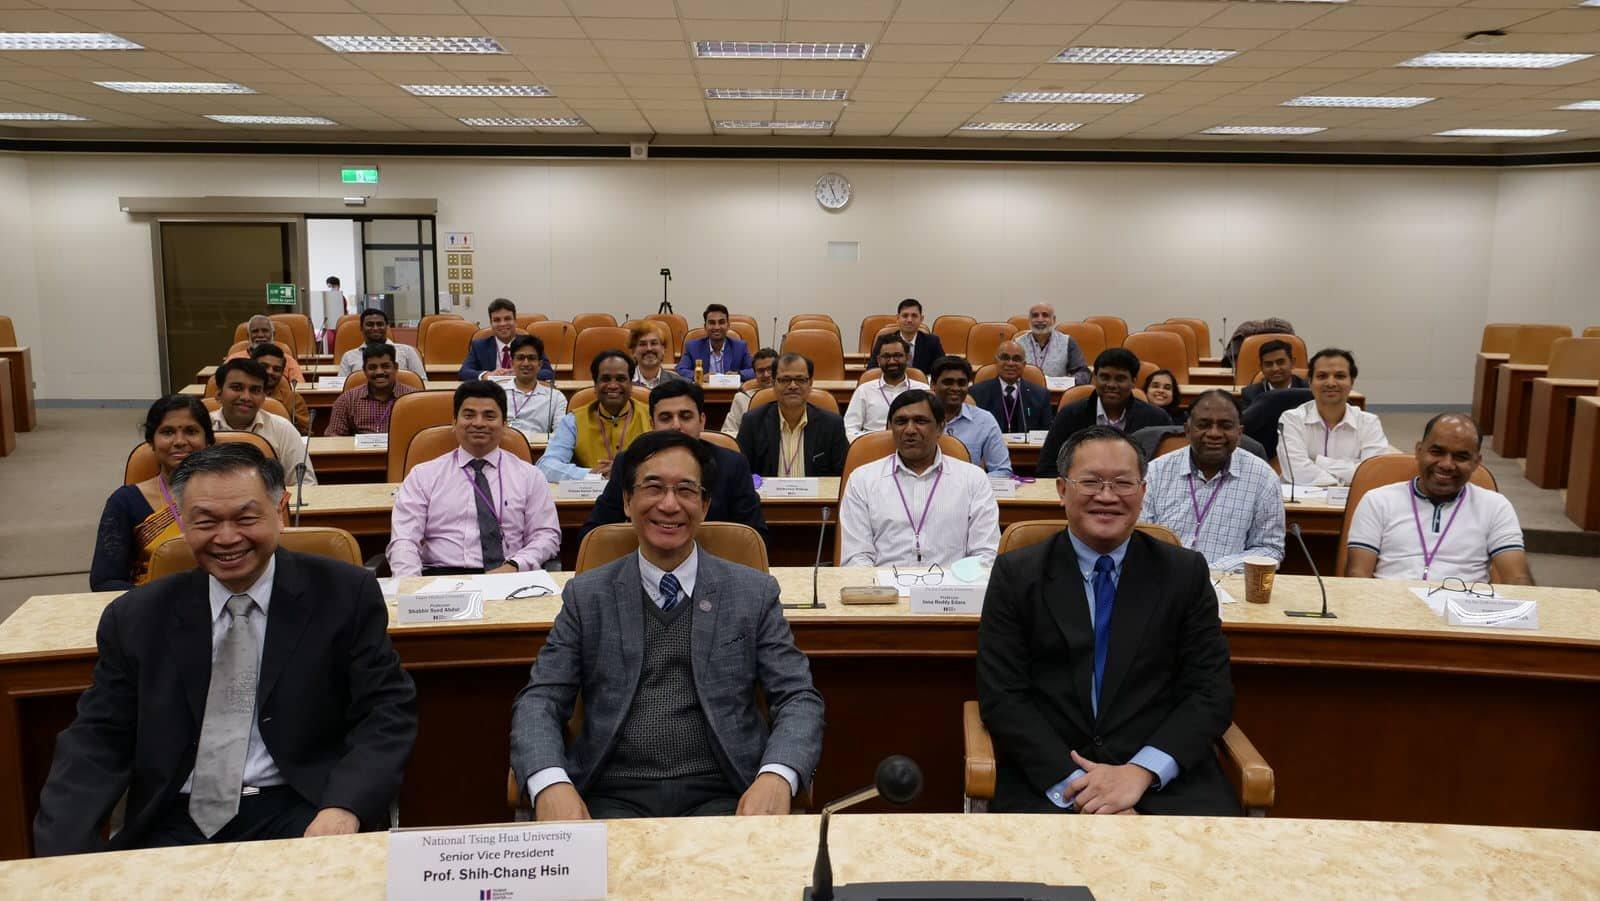 新南向教育全新里程碑,清大邀30位印籍教授開創印度顧問團!